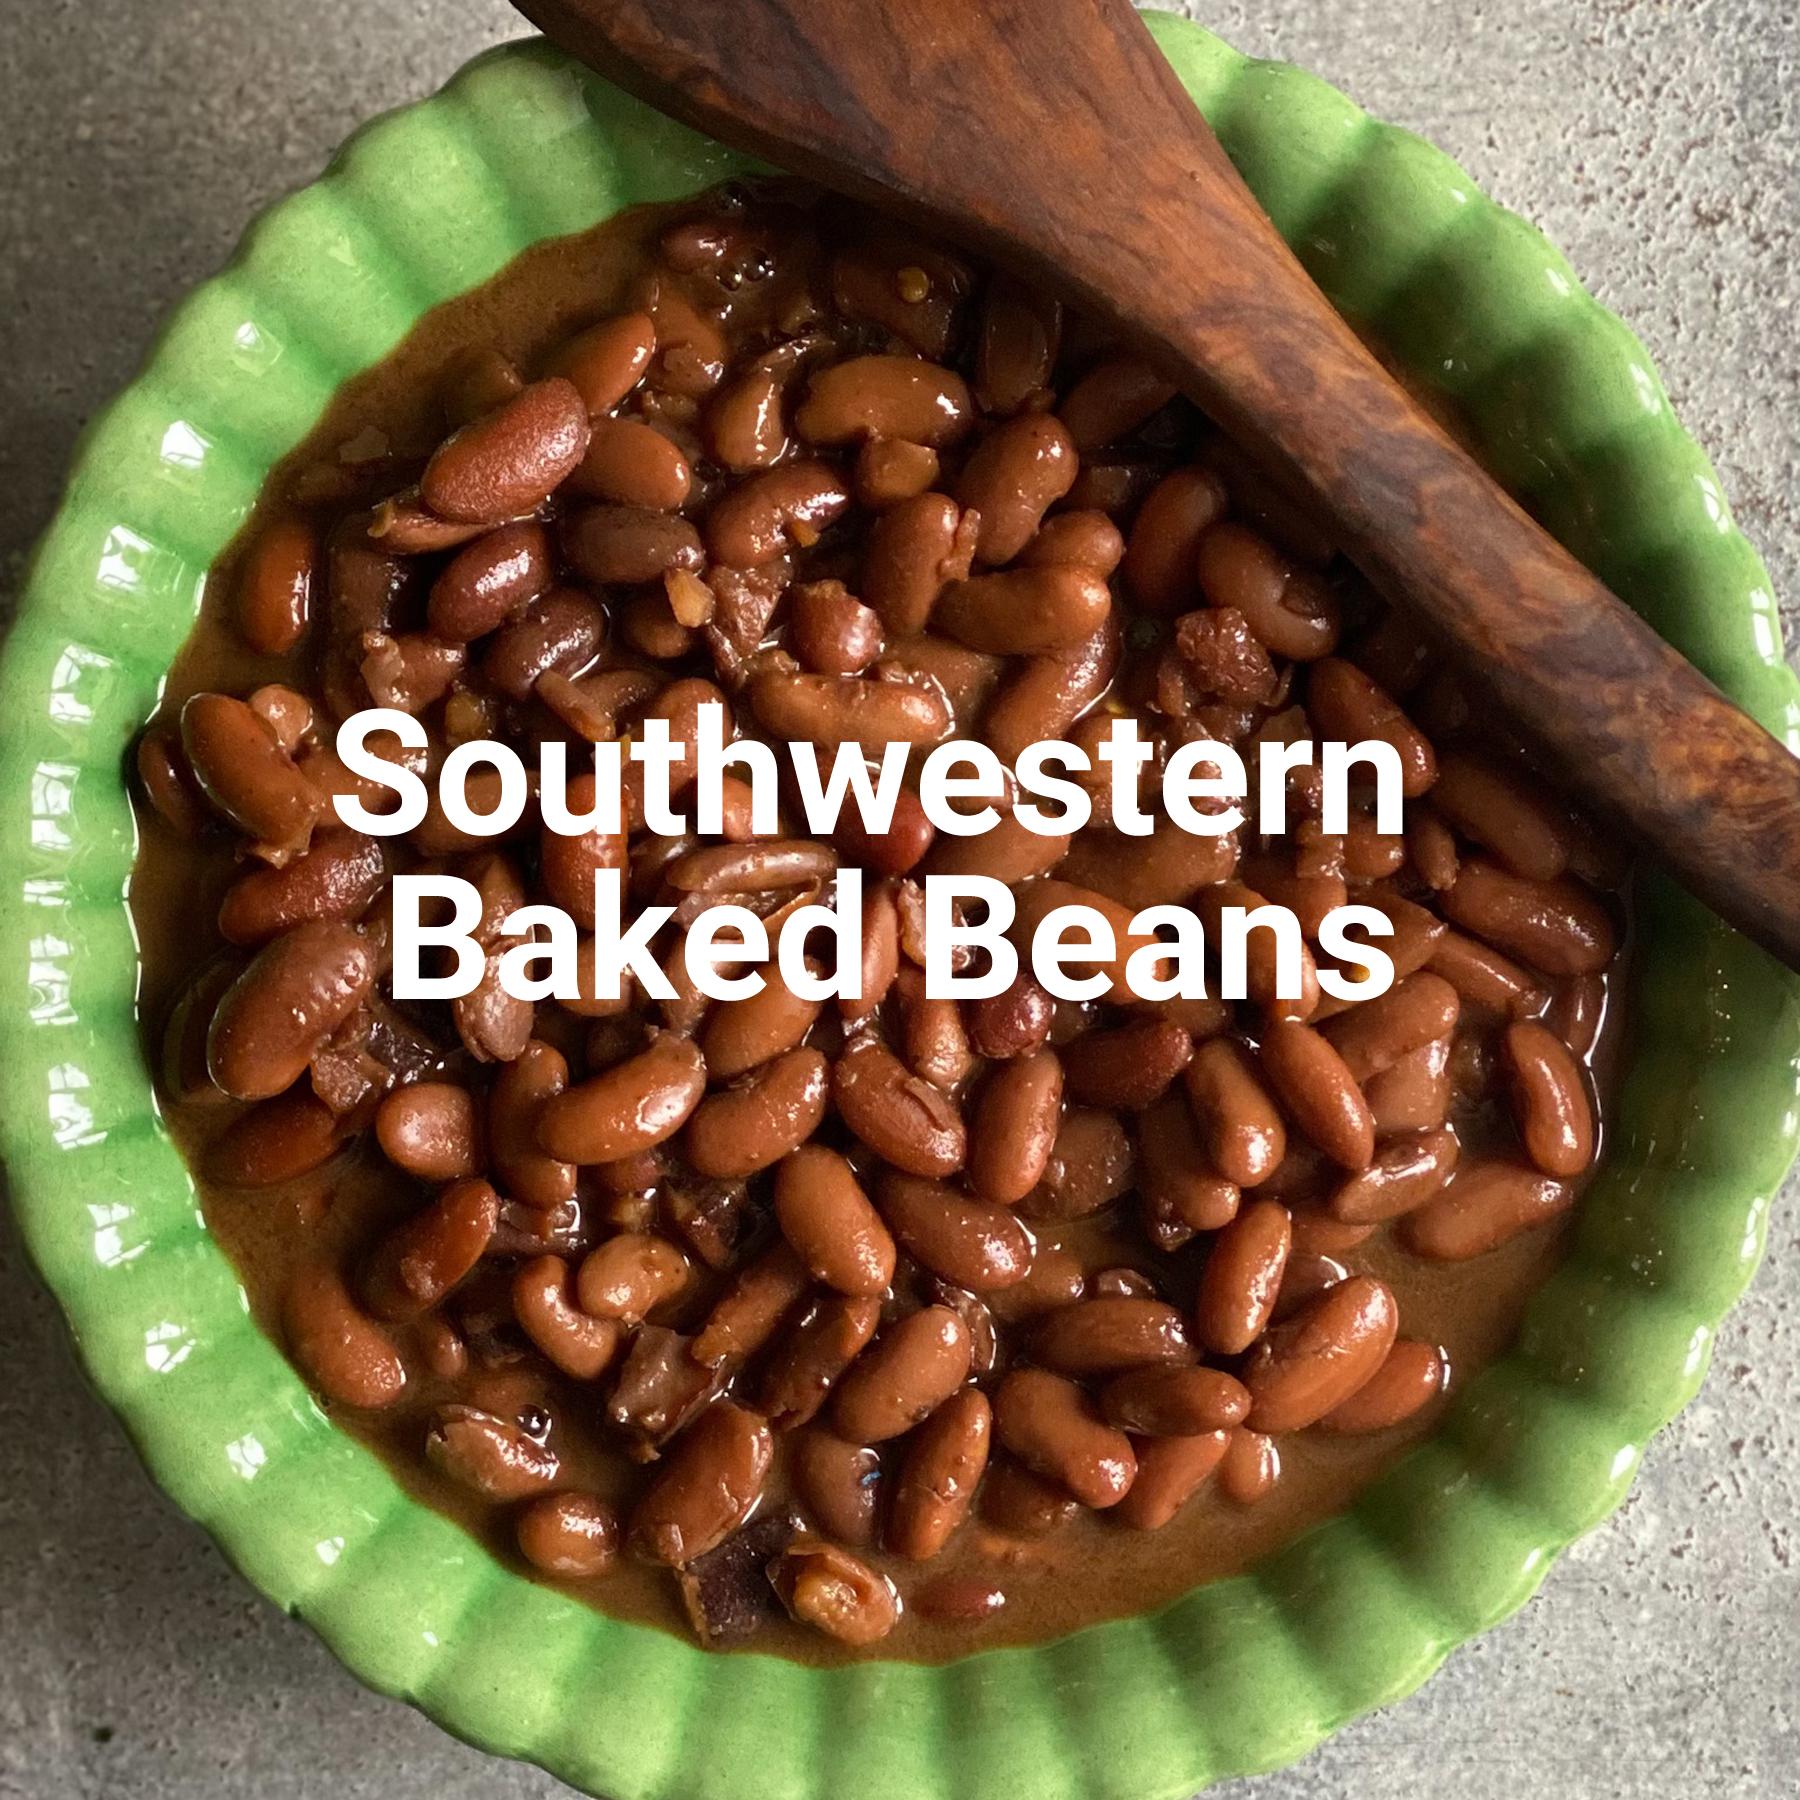 southwestern-baked-beans.jpg